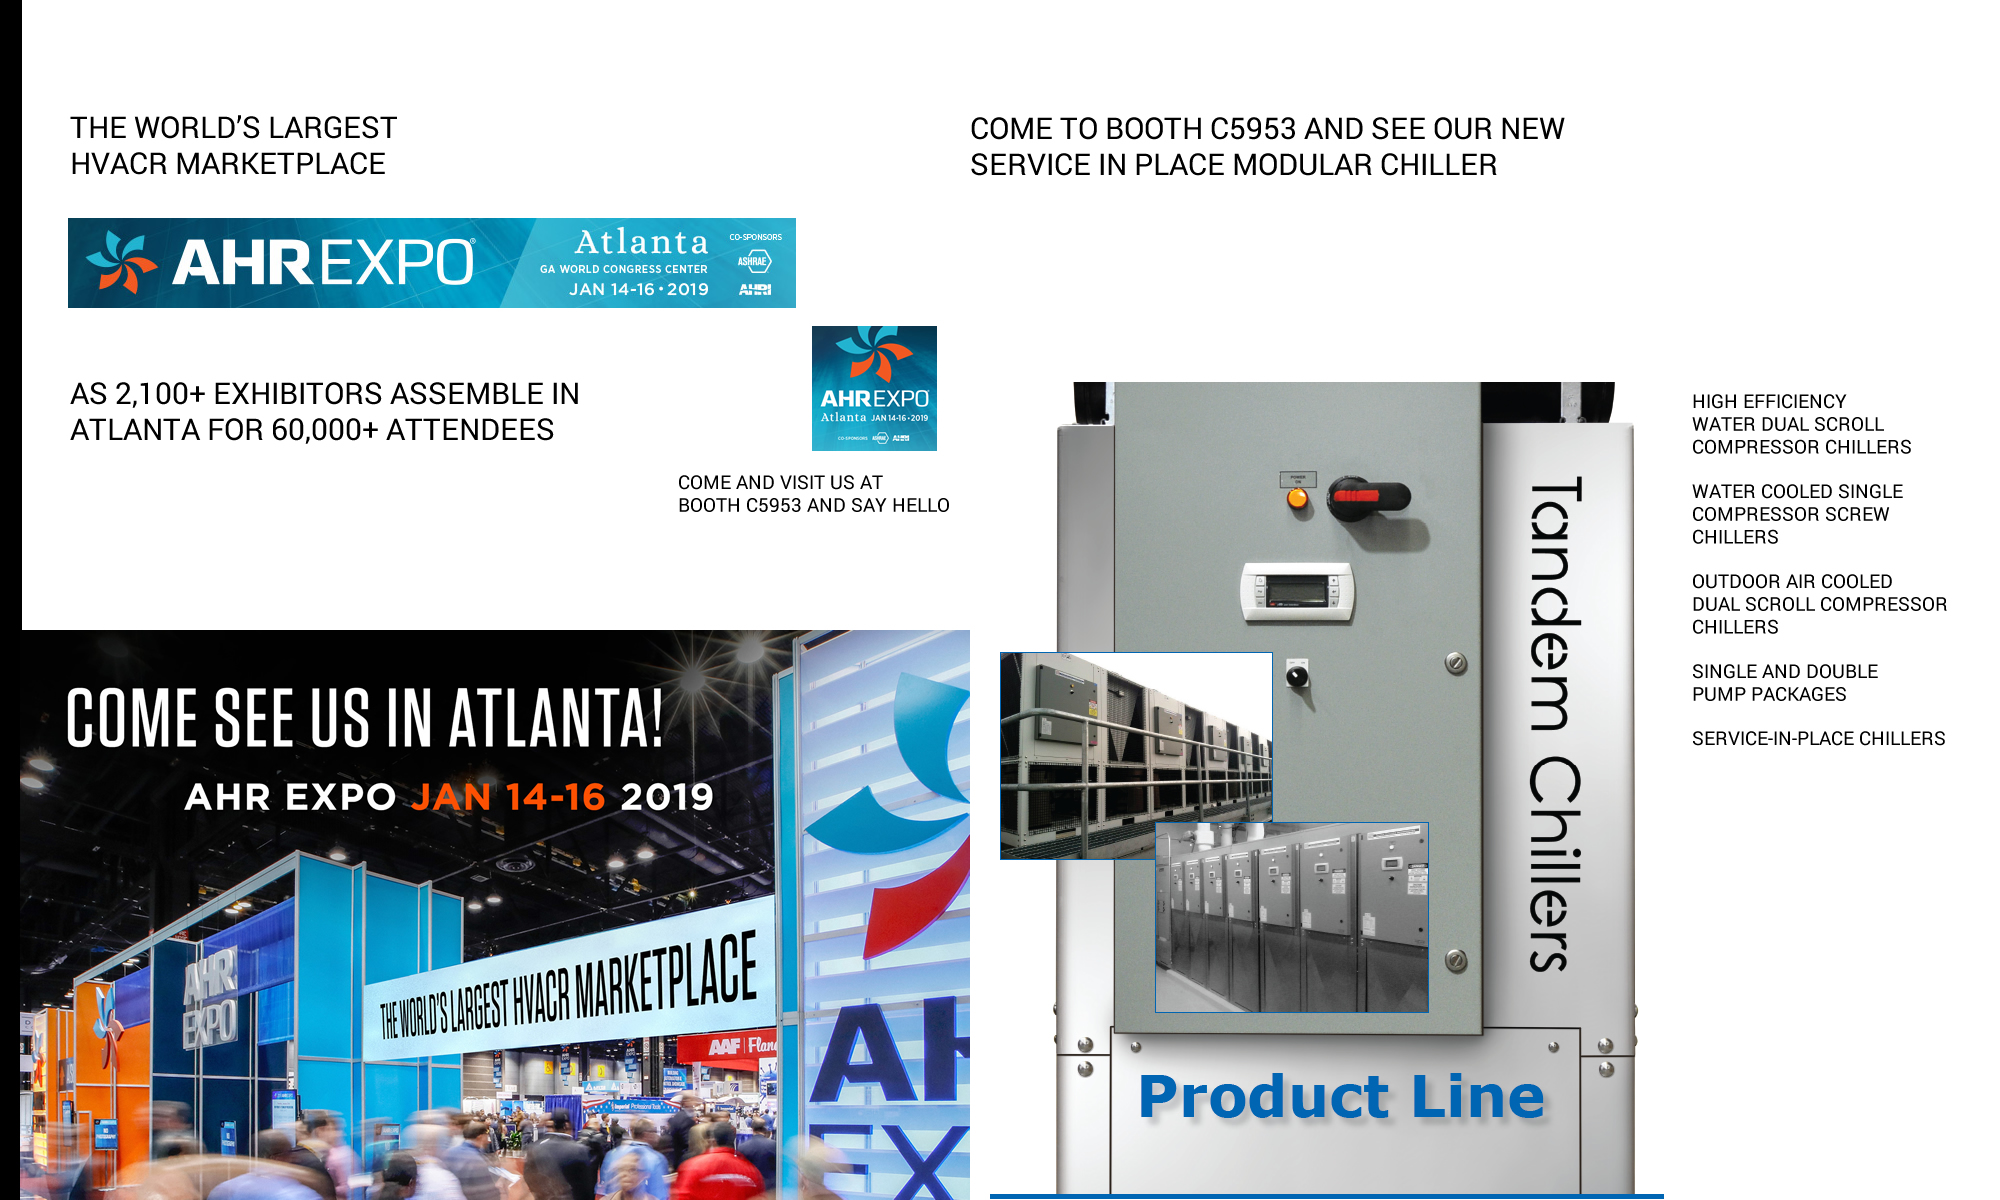 AHR Expo Atlanta 2019